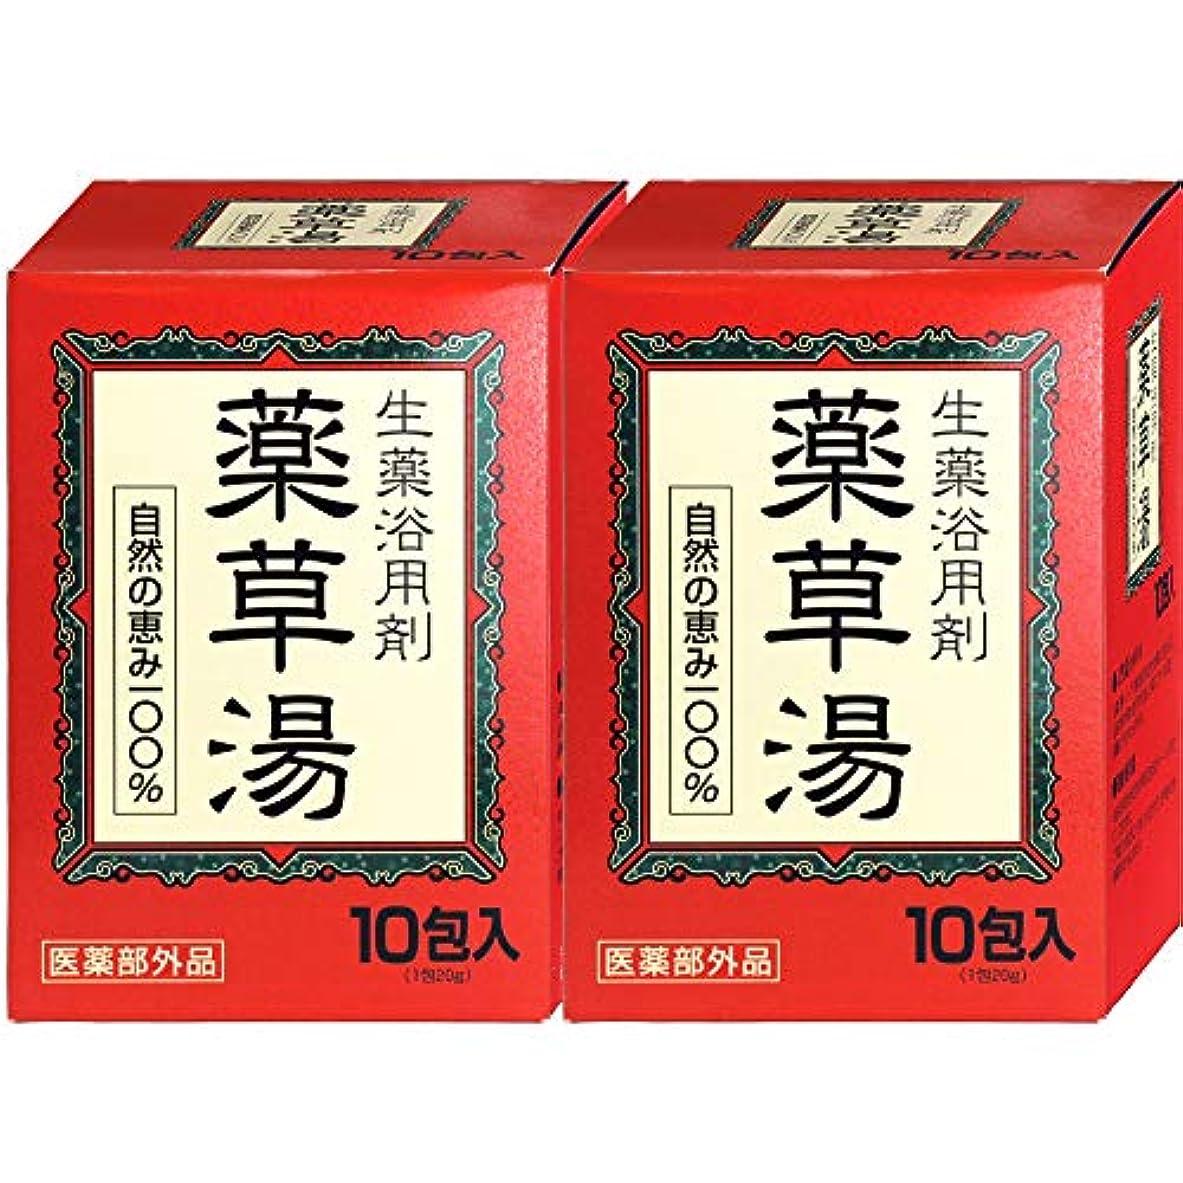 呼吸するベアリングサークル槍薬草湯 生薬浴用剤 10包入 【2個セット】自然の恵み100% 医薬部外品